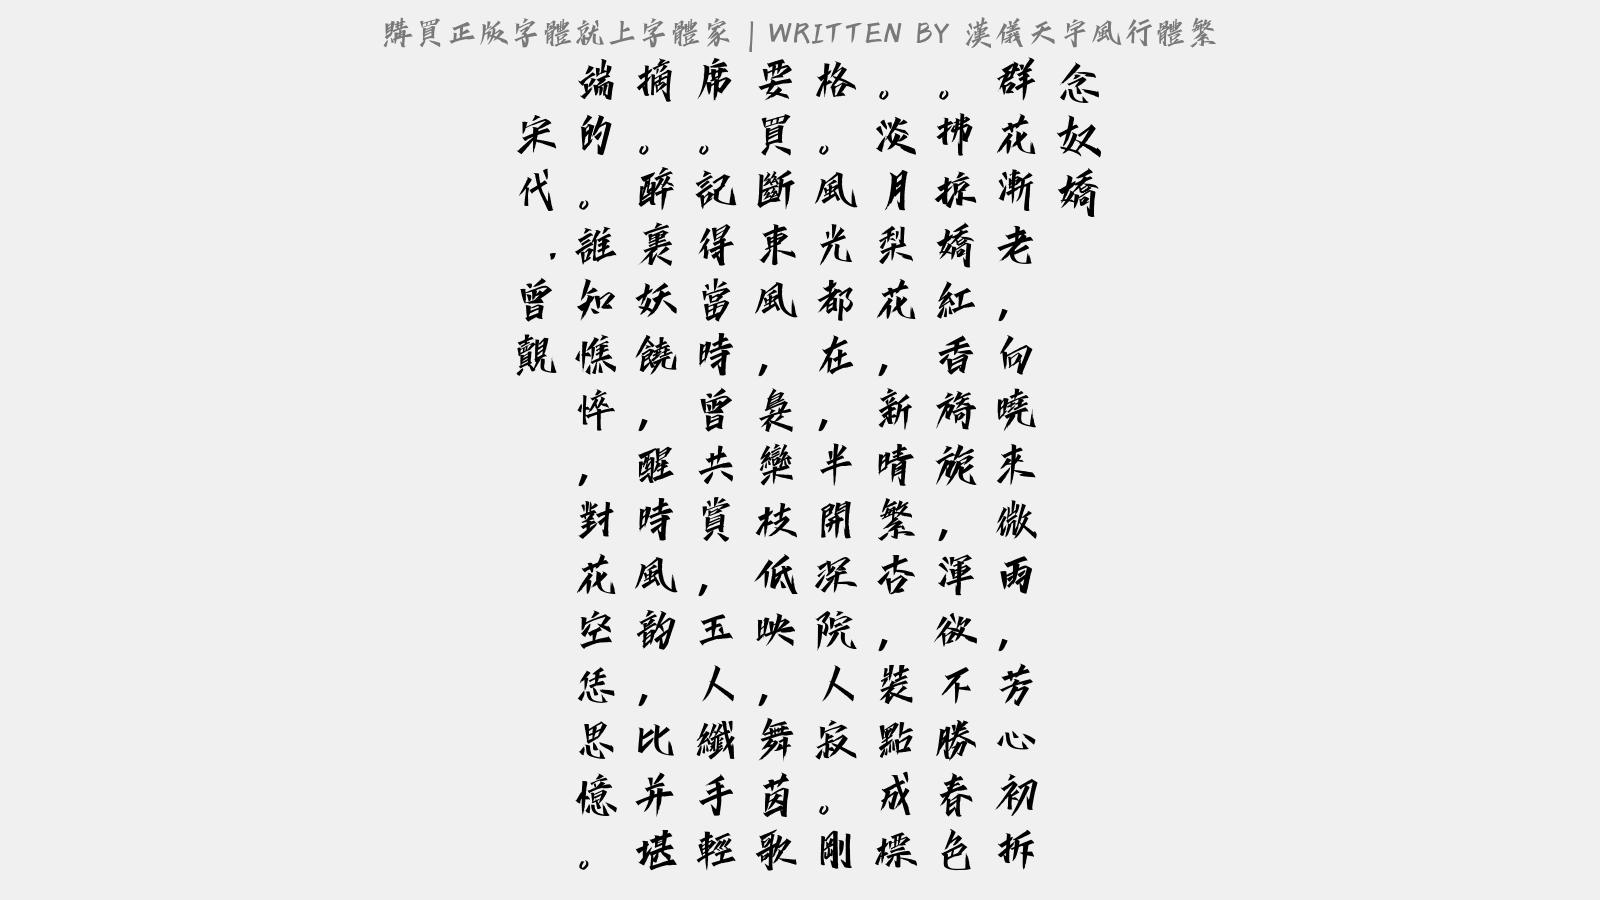 香初上舞下载_汉仪天宇风行体繁正版字体下载 - 正版中文字体下载尽在字体家